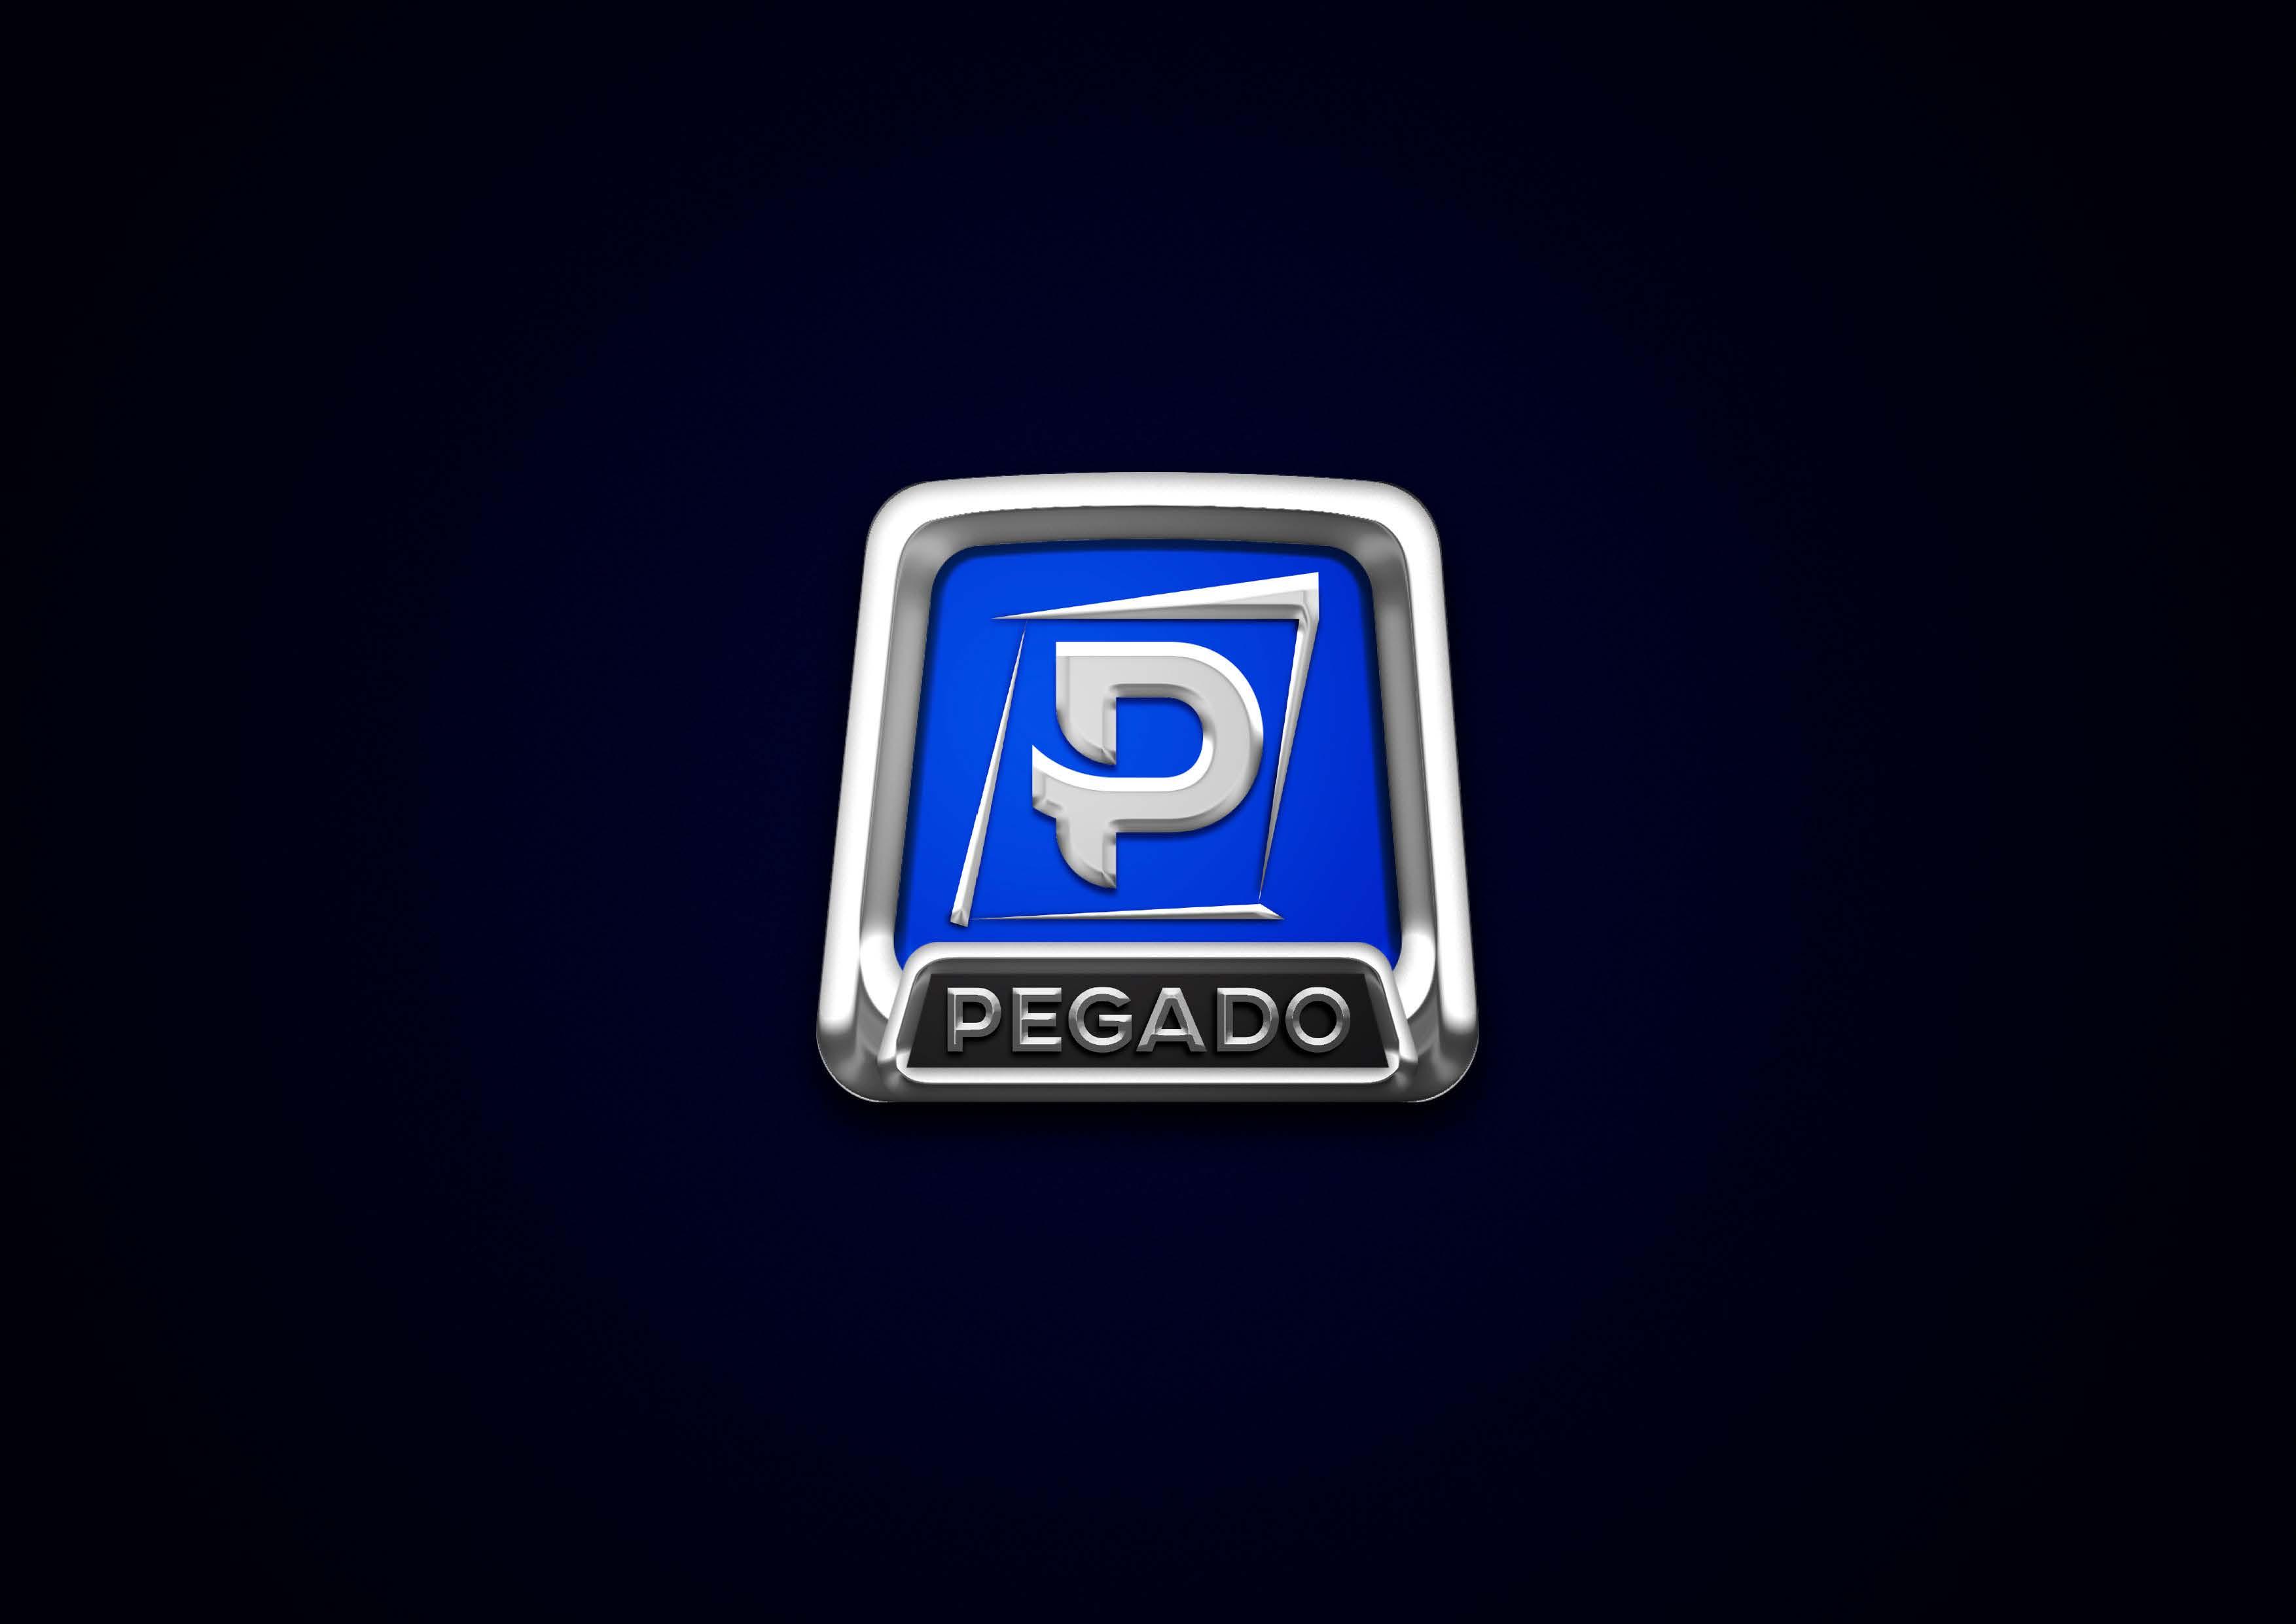 Pegado_Page_01_Image_0001